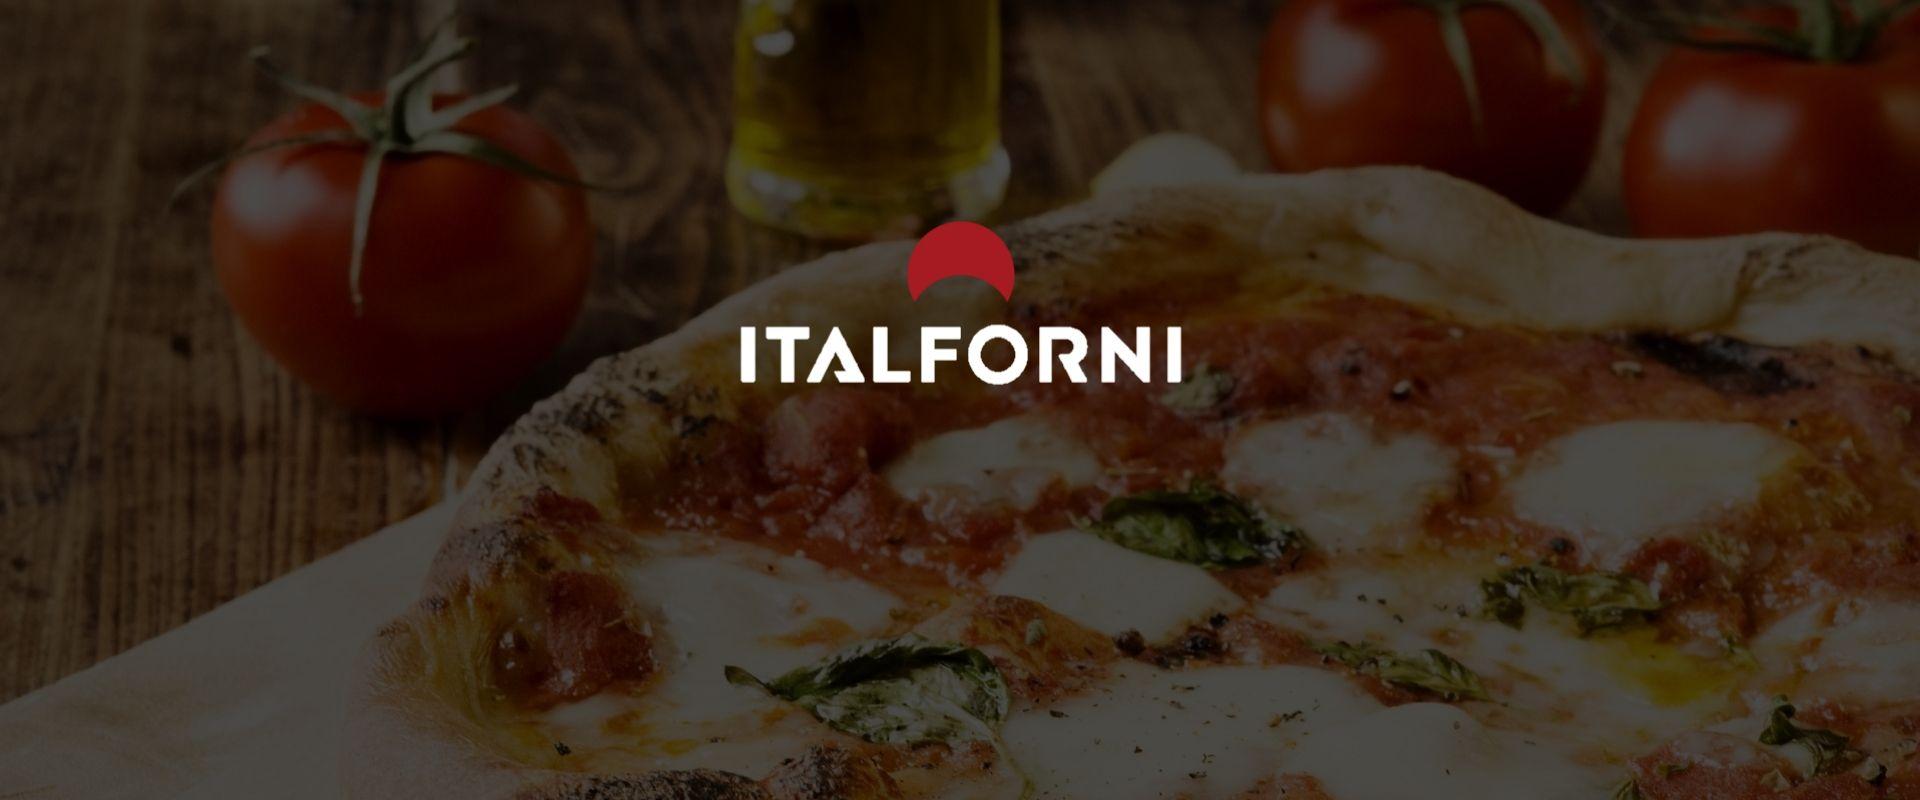 Italforni-header con logo